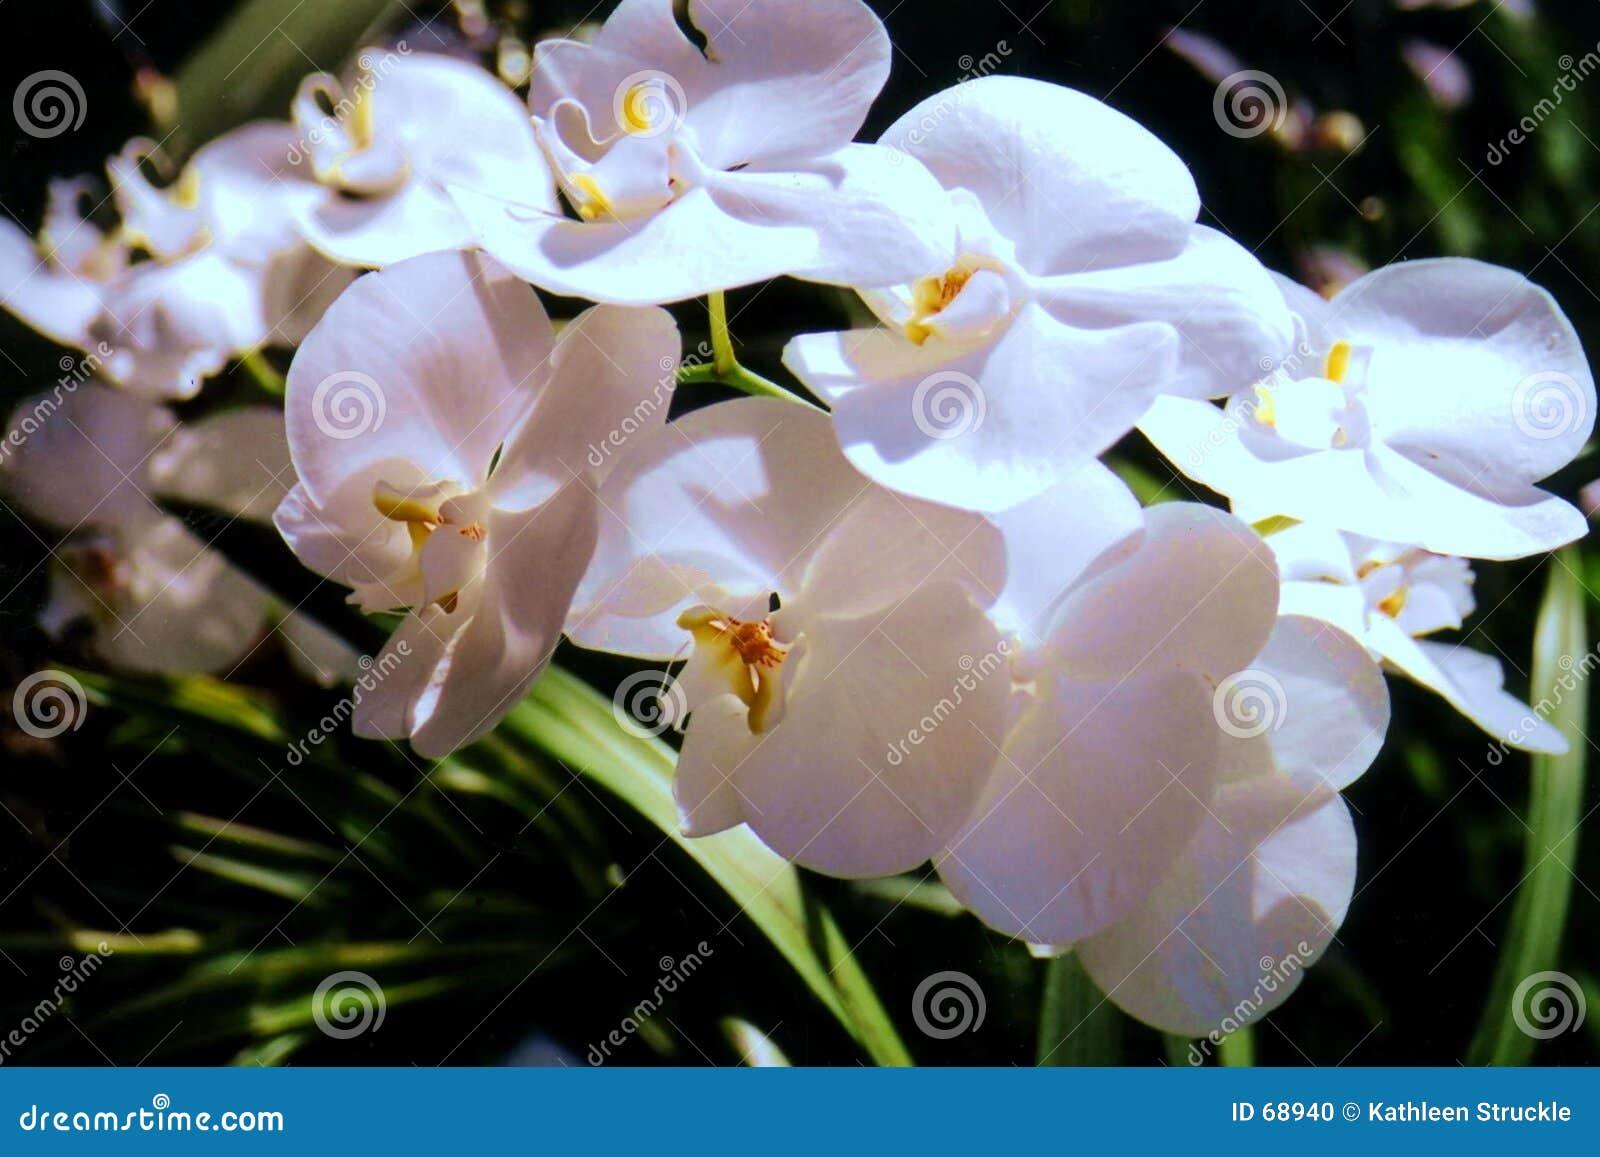 Orchidées d oxalide petite oseille